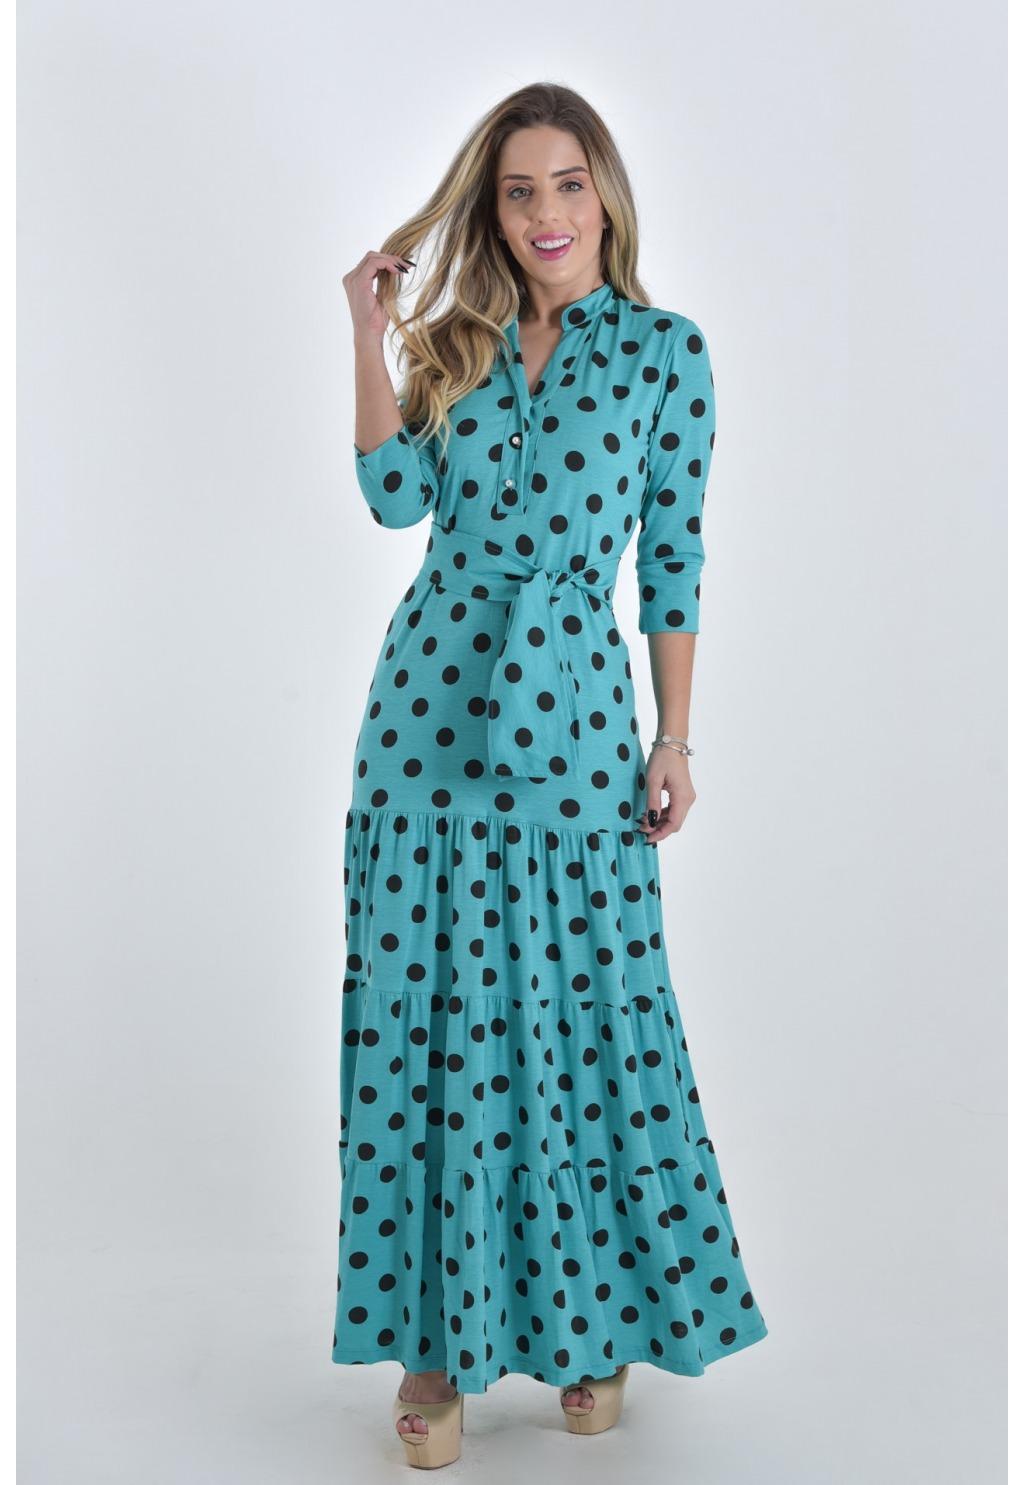 Vestido Mamorena longo viscolycra poá